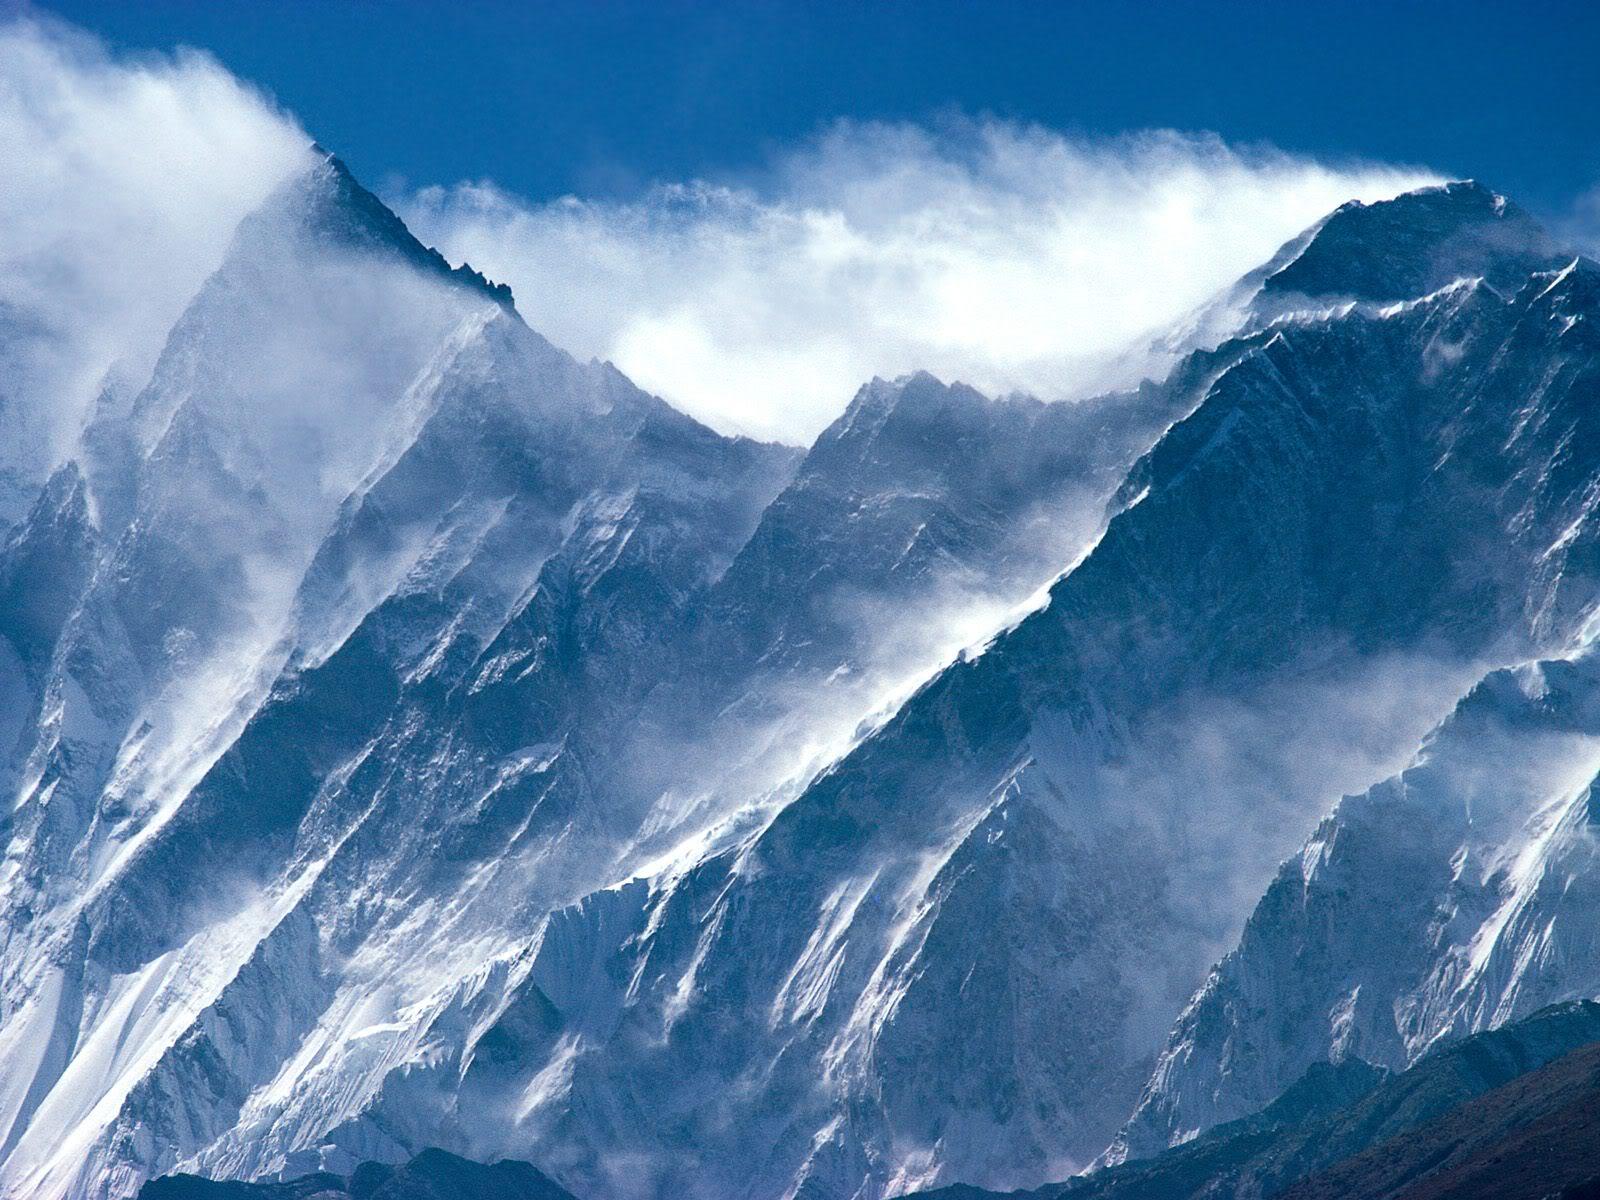 அழகு மலைகளின் காட்சிகள் சில.....01 - Page 39 EverestLhotseHimalayanPeaksNepal